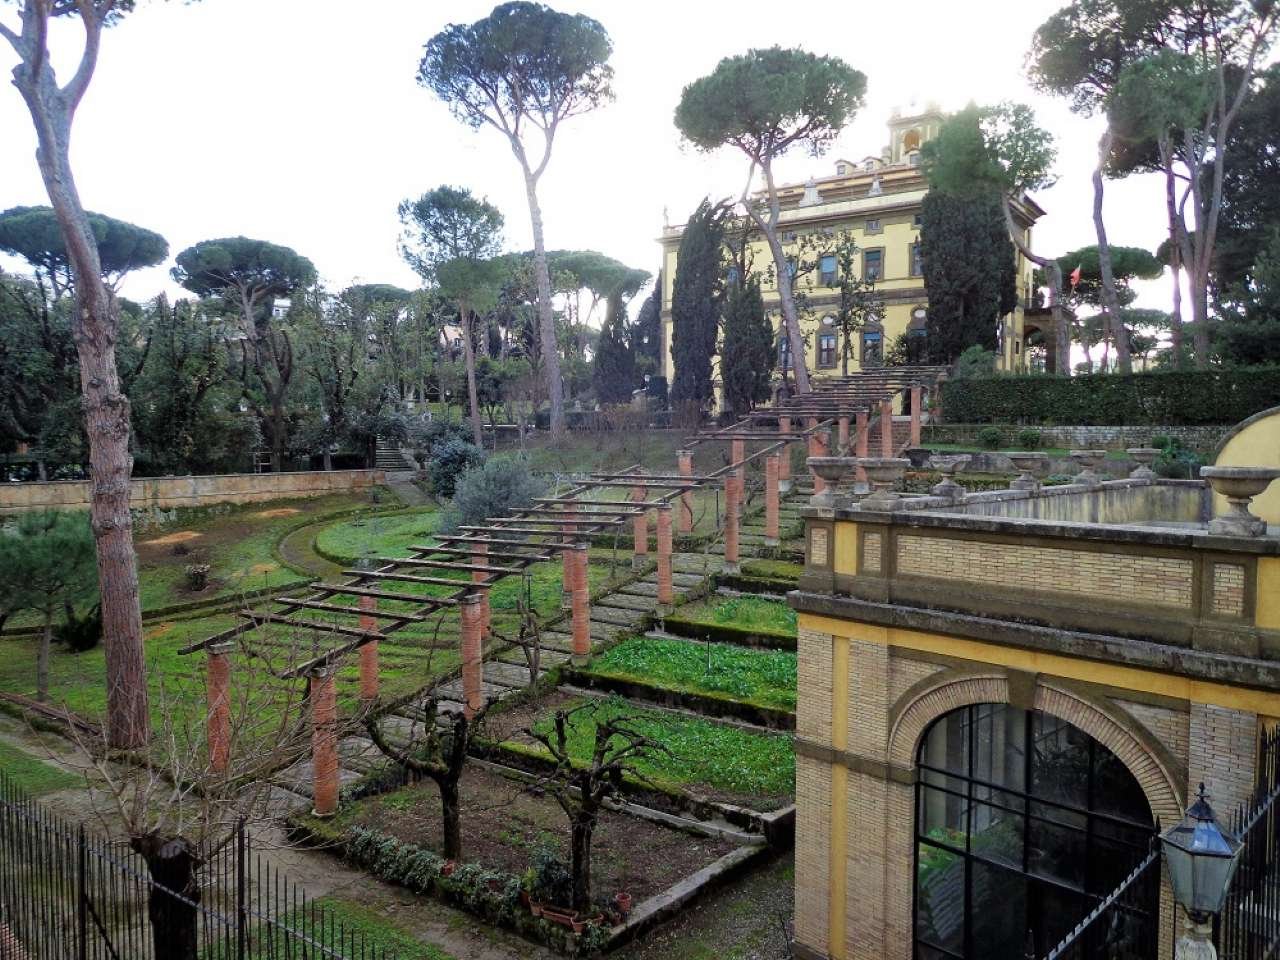 Appartamento in vendita a Roma, 6 locali, zona Zona: 2 . Flaminio, Parioli, Pinciano, Villa Borghese, prezzo € 935.000 | CambioCasa.it